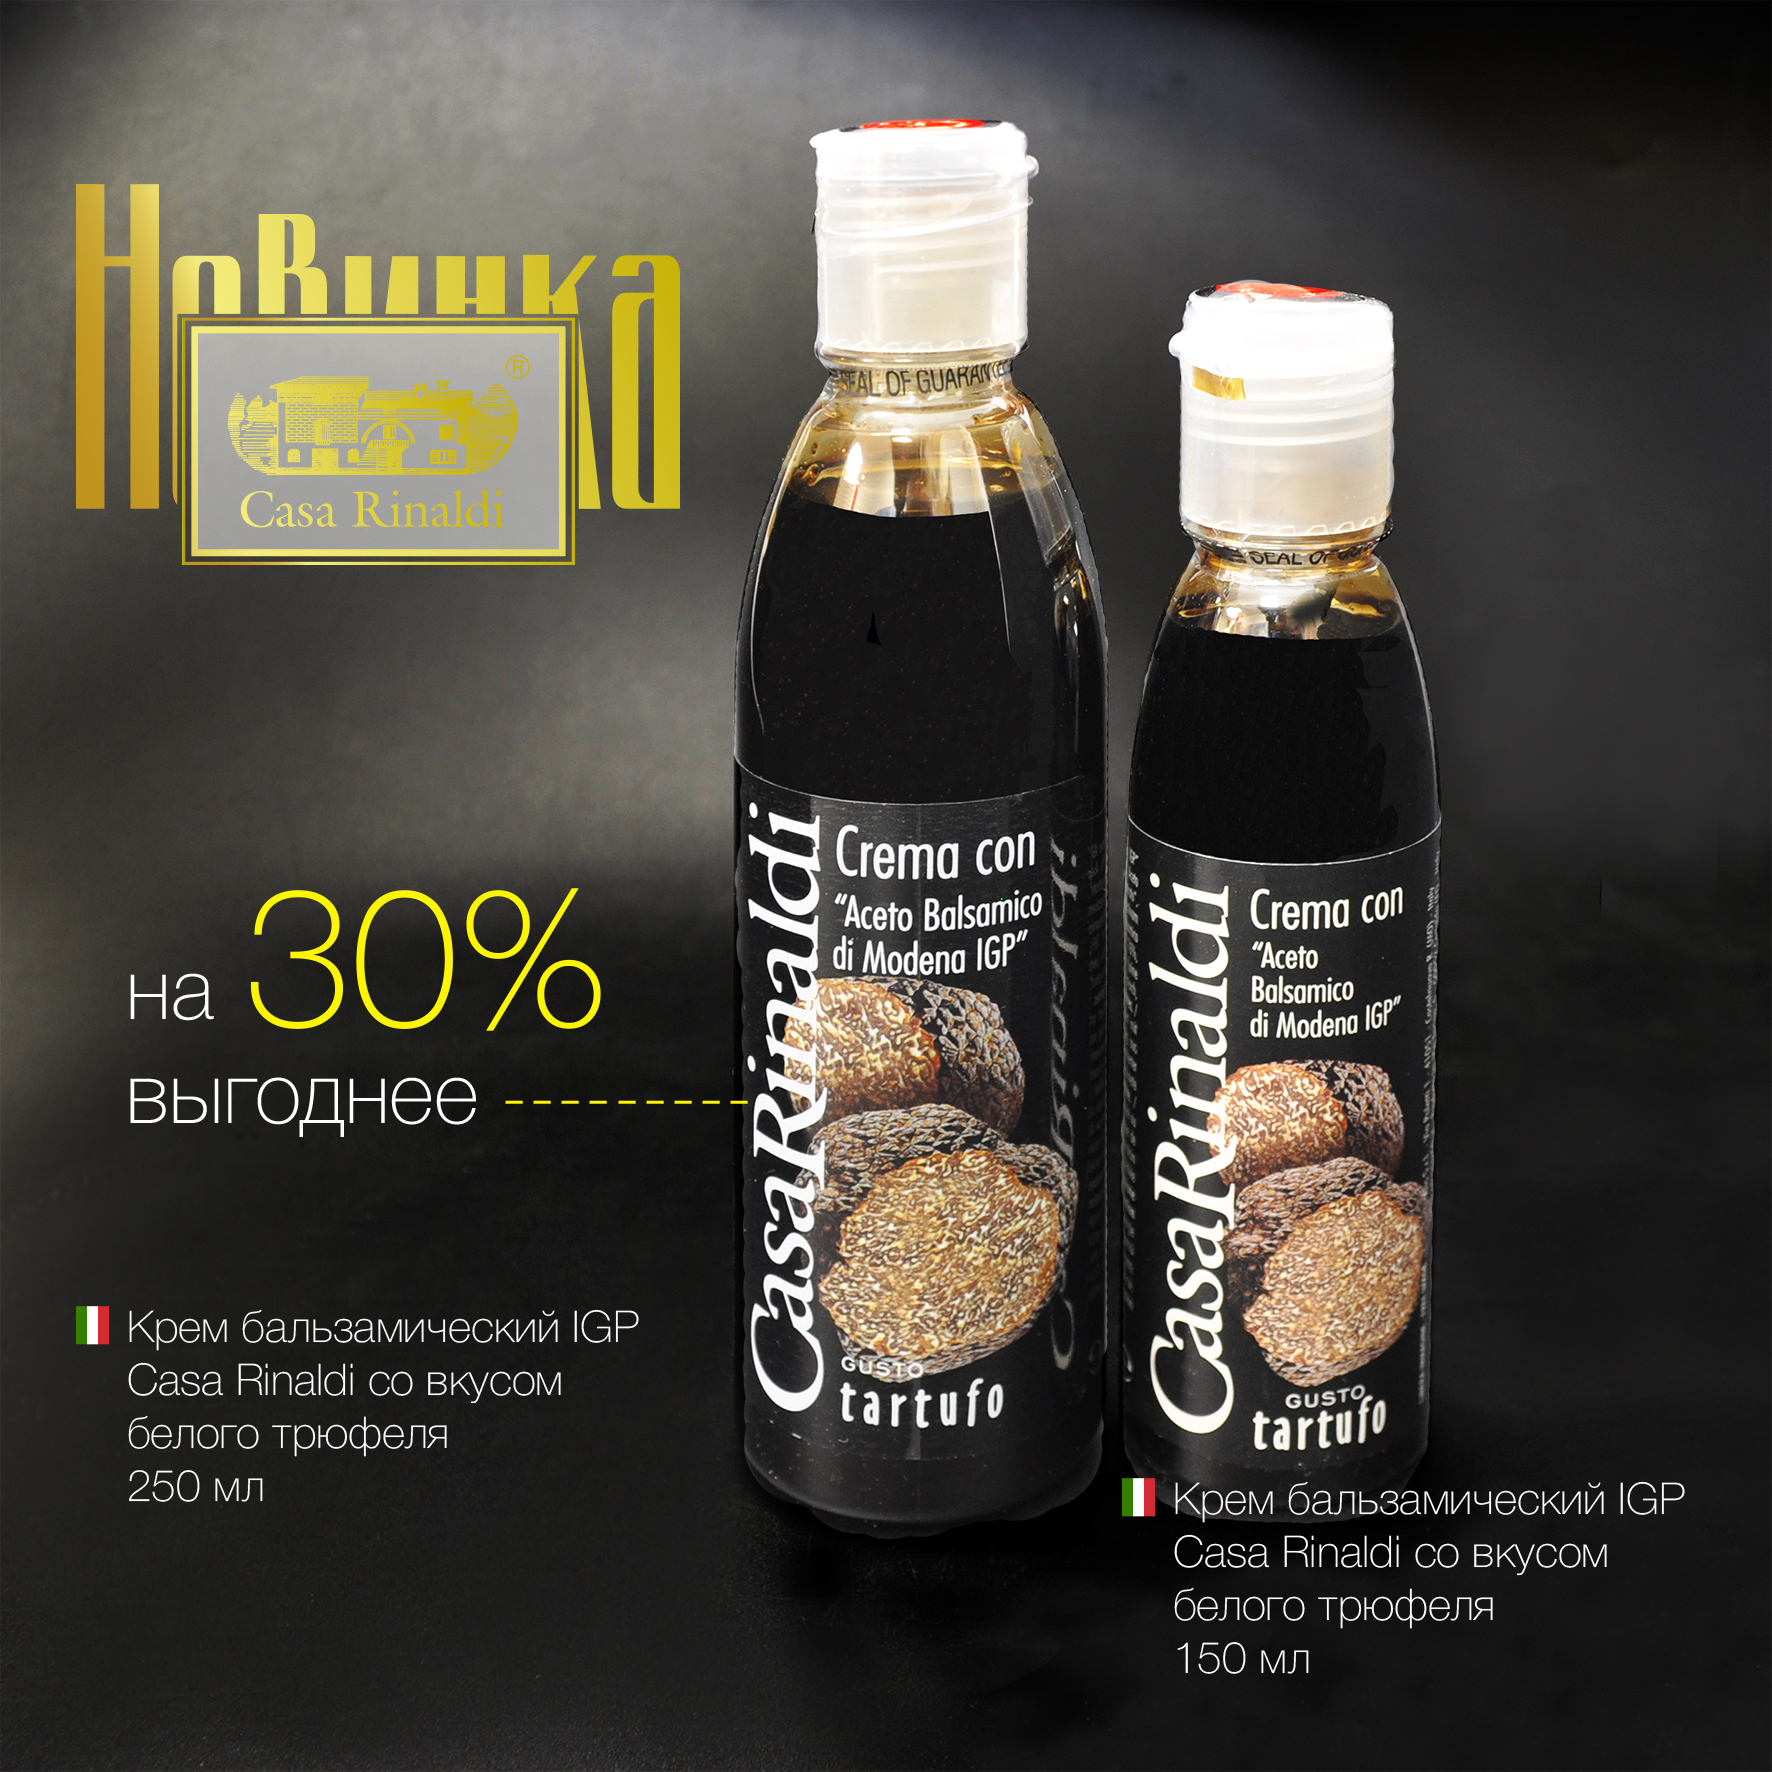 Крем бальзамический IGP со вкусом белого трюфеля Casa Rinaldi